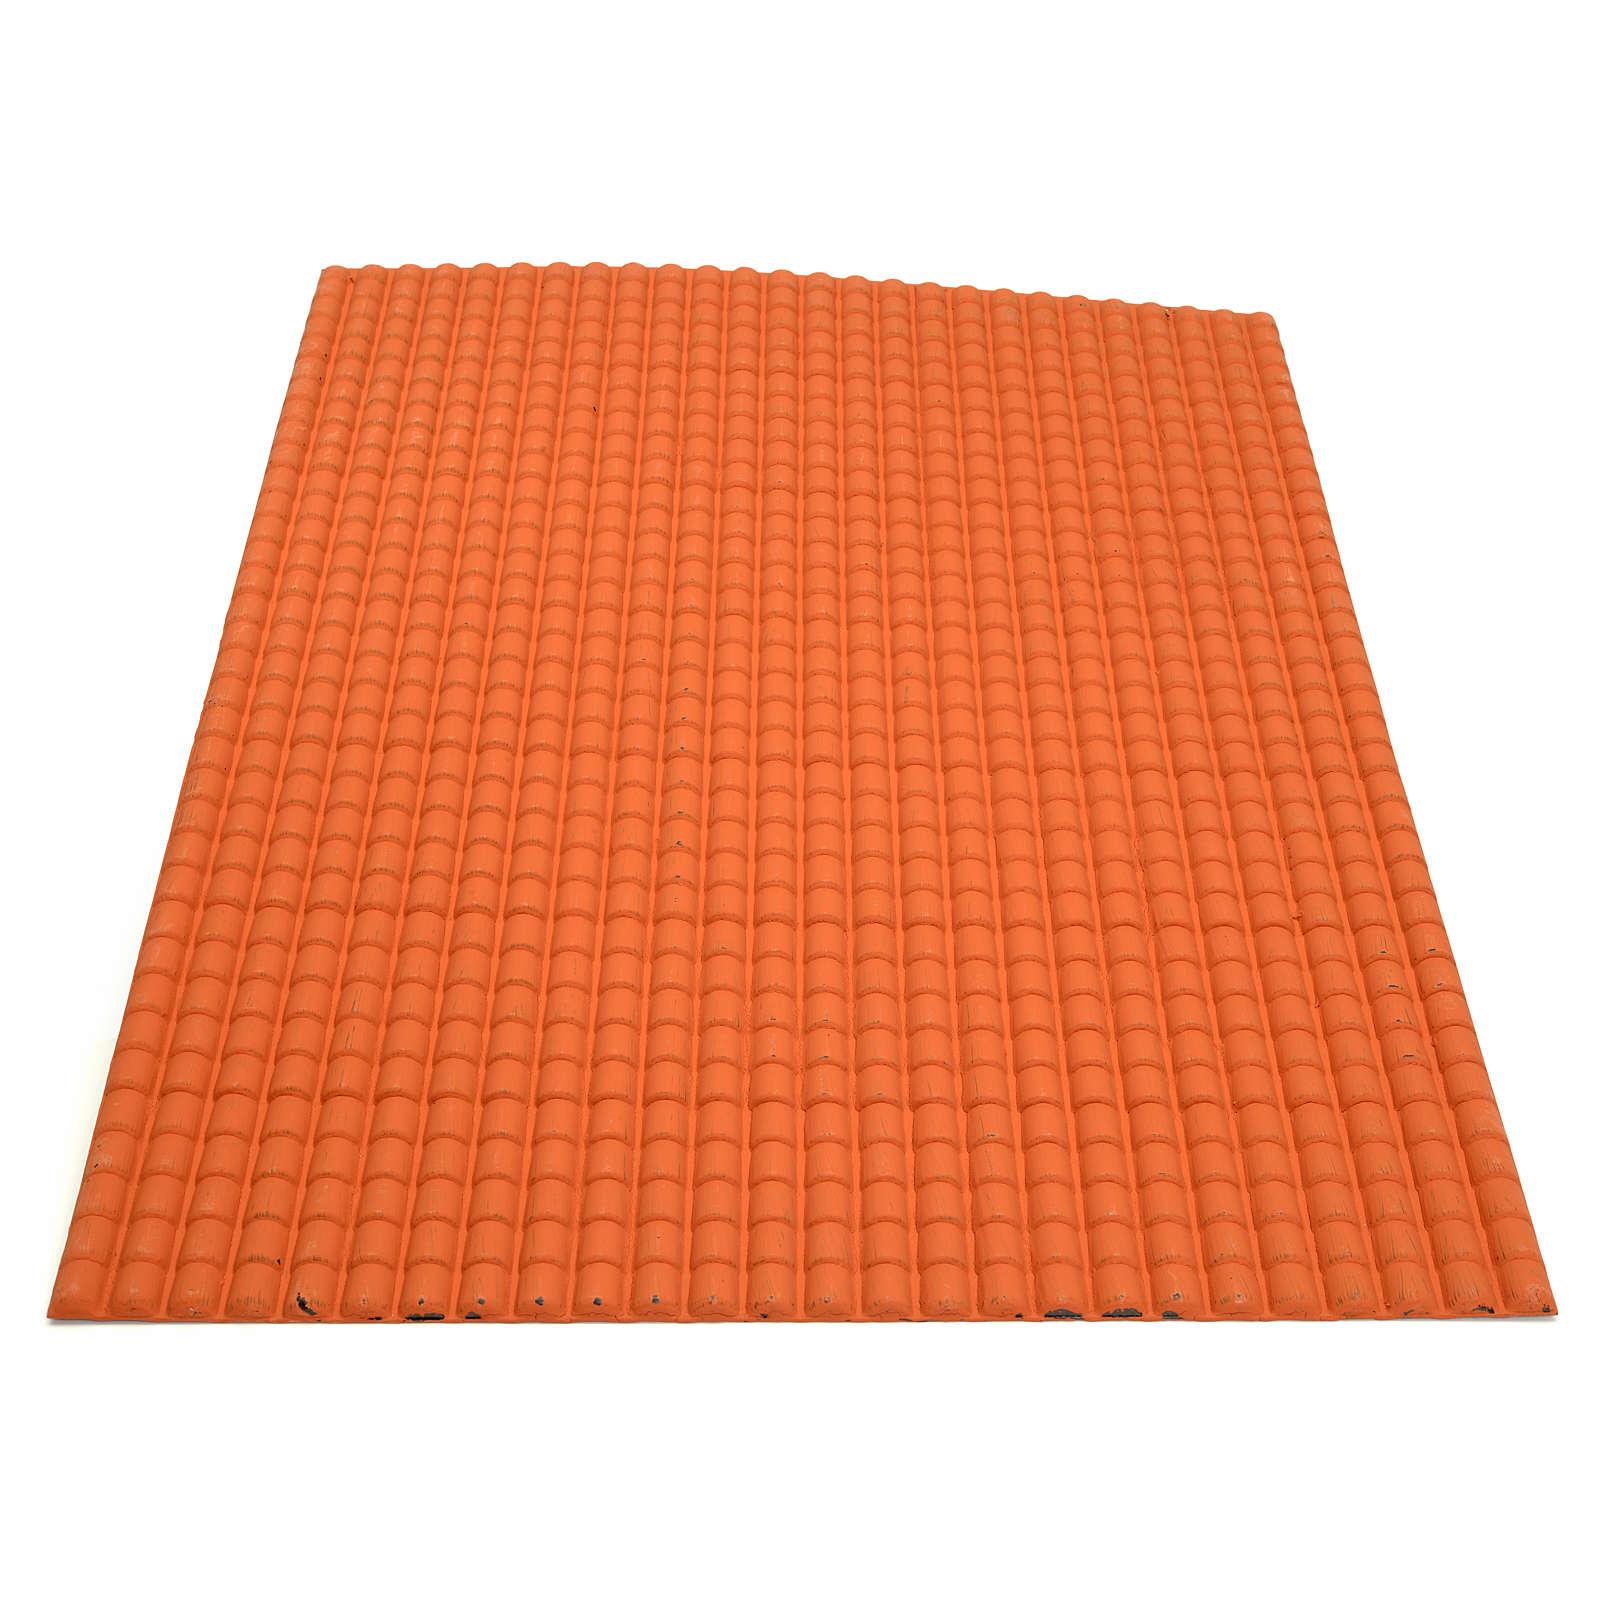 Toit en tuiles: plaque plastique couleur terre cuite de 50x70 cm 4